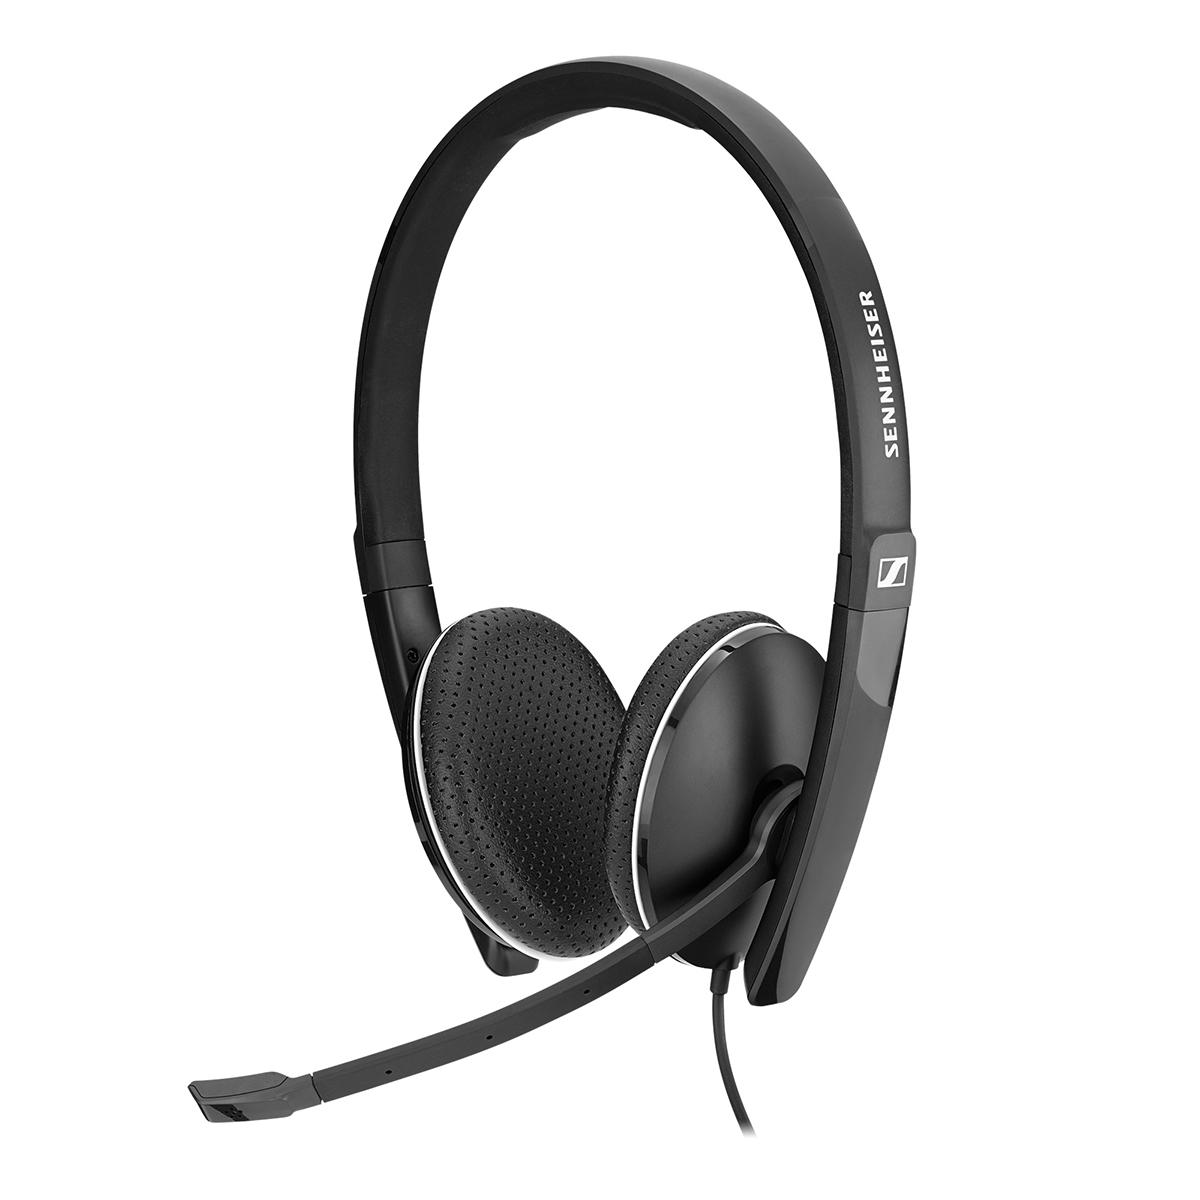 EPOS Sennheiser SC160 USB-C Stereo Headset